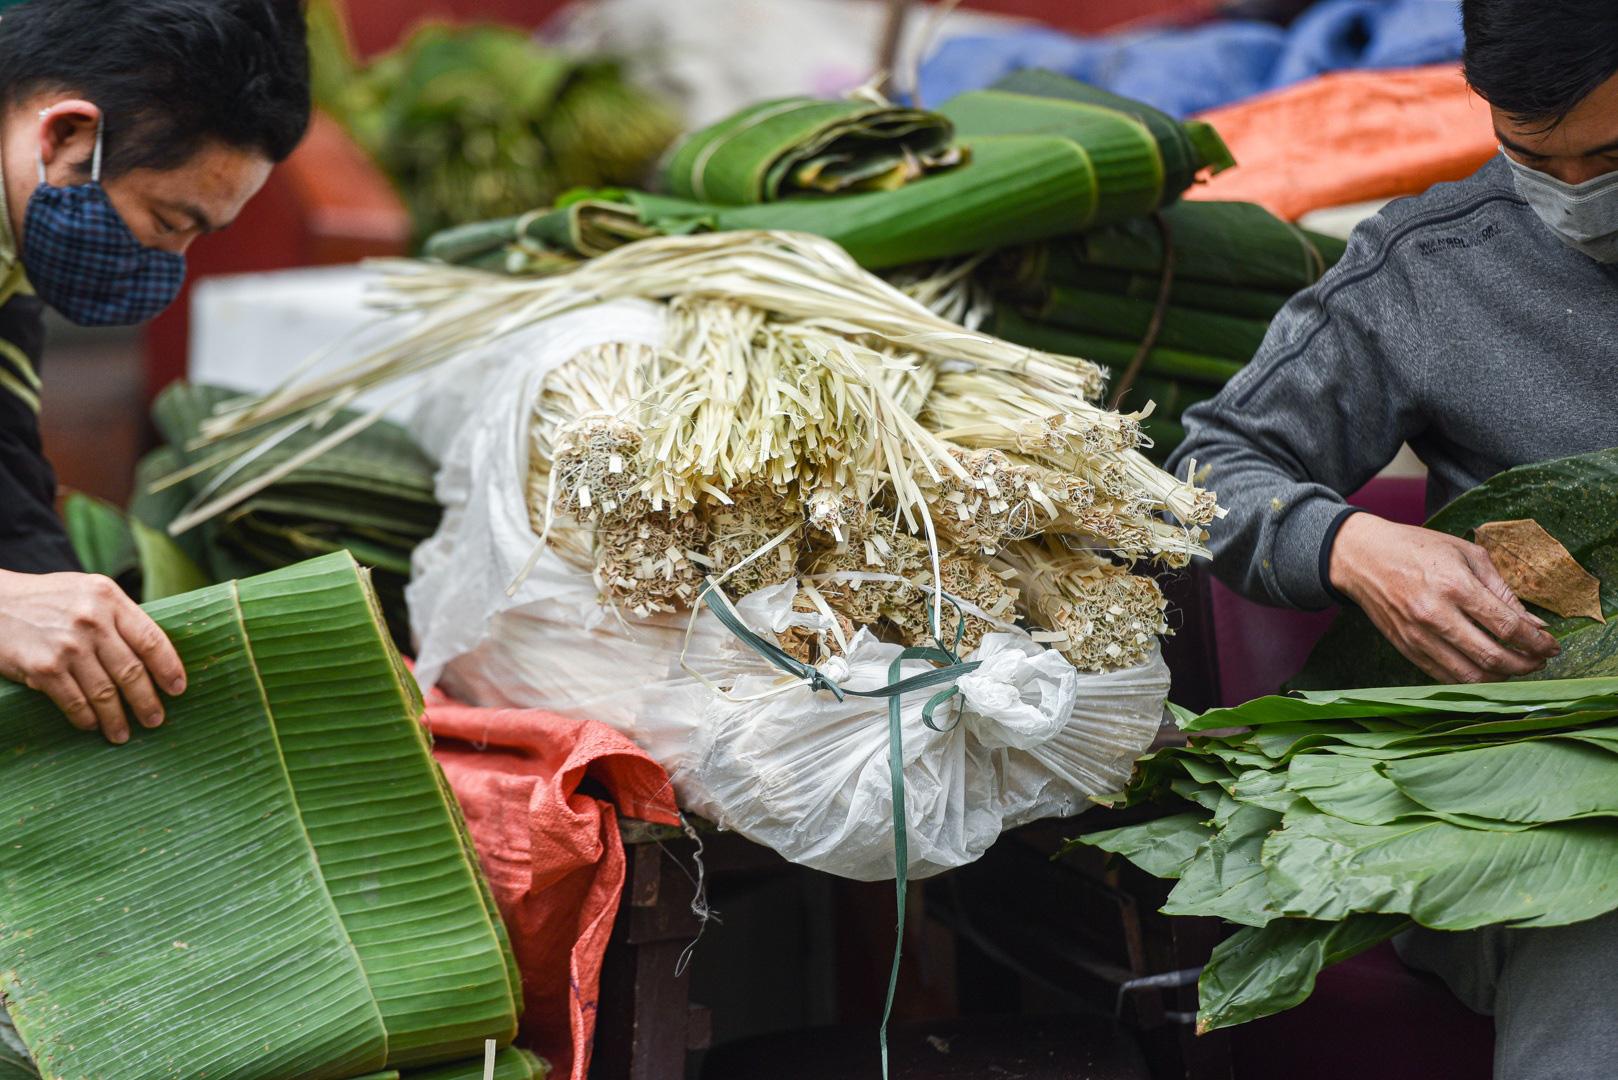 Phiên chợ họp ngày cuối năm, chỉ bán lá dong rừng, lạt tre ở Hà Nội - Ảnh 12.